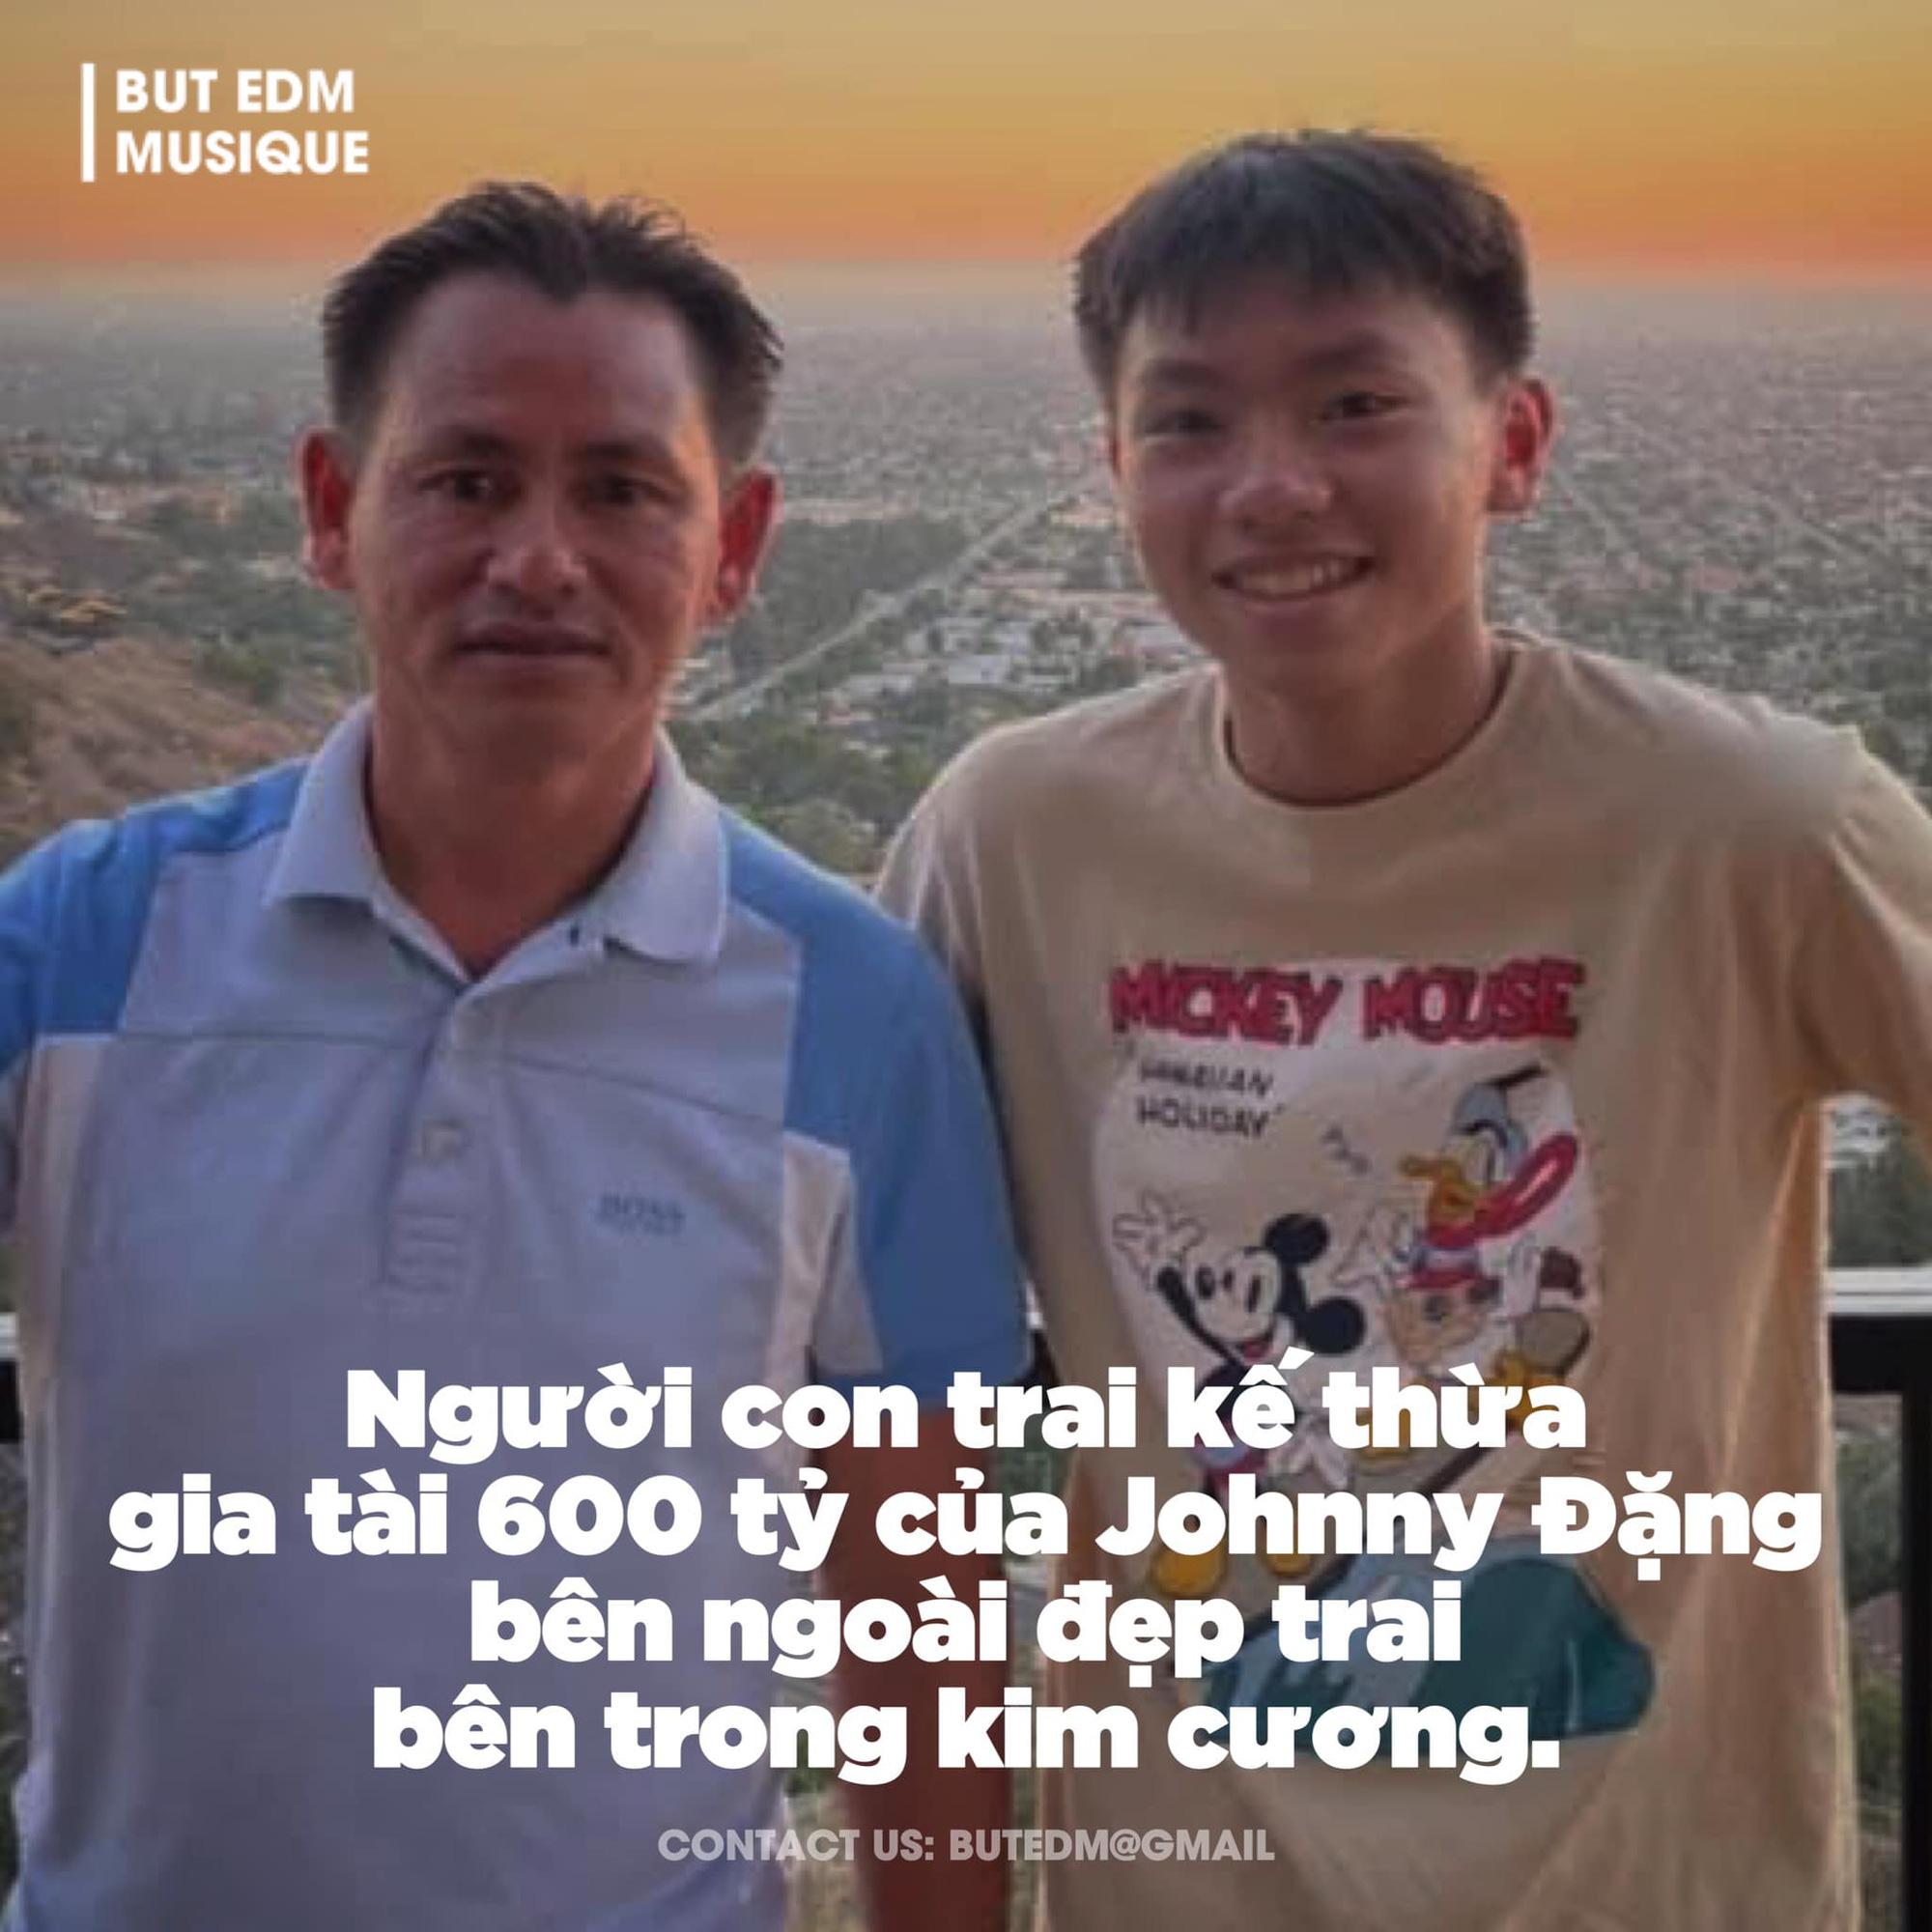 Xôn xao thông tin vua kim hoàn Johnny Đặng cho con trai thừa kế gia tài 600 tỷ? - Ảnh 2.